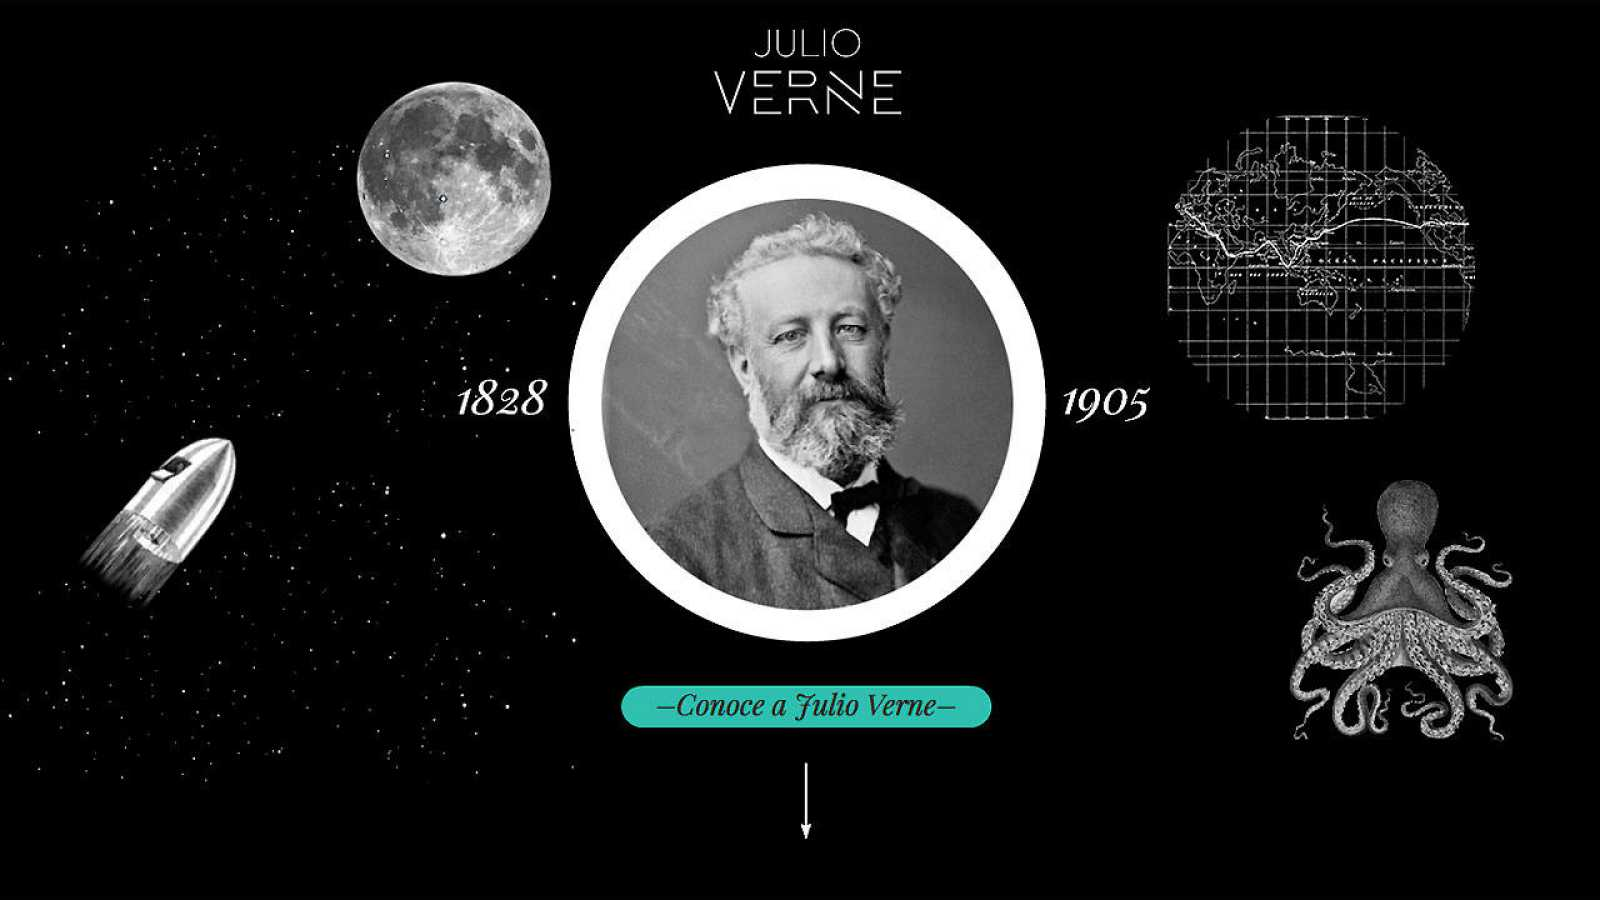 Los límites de la imaginación, exposición dedicada a Julio Verne